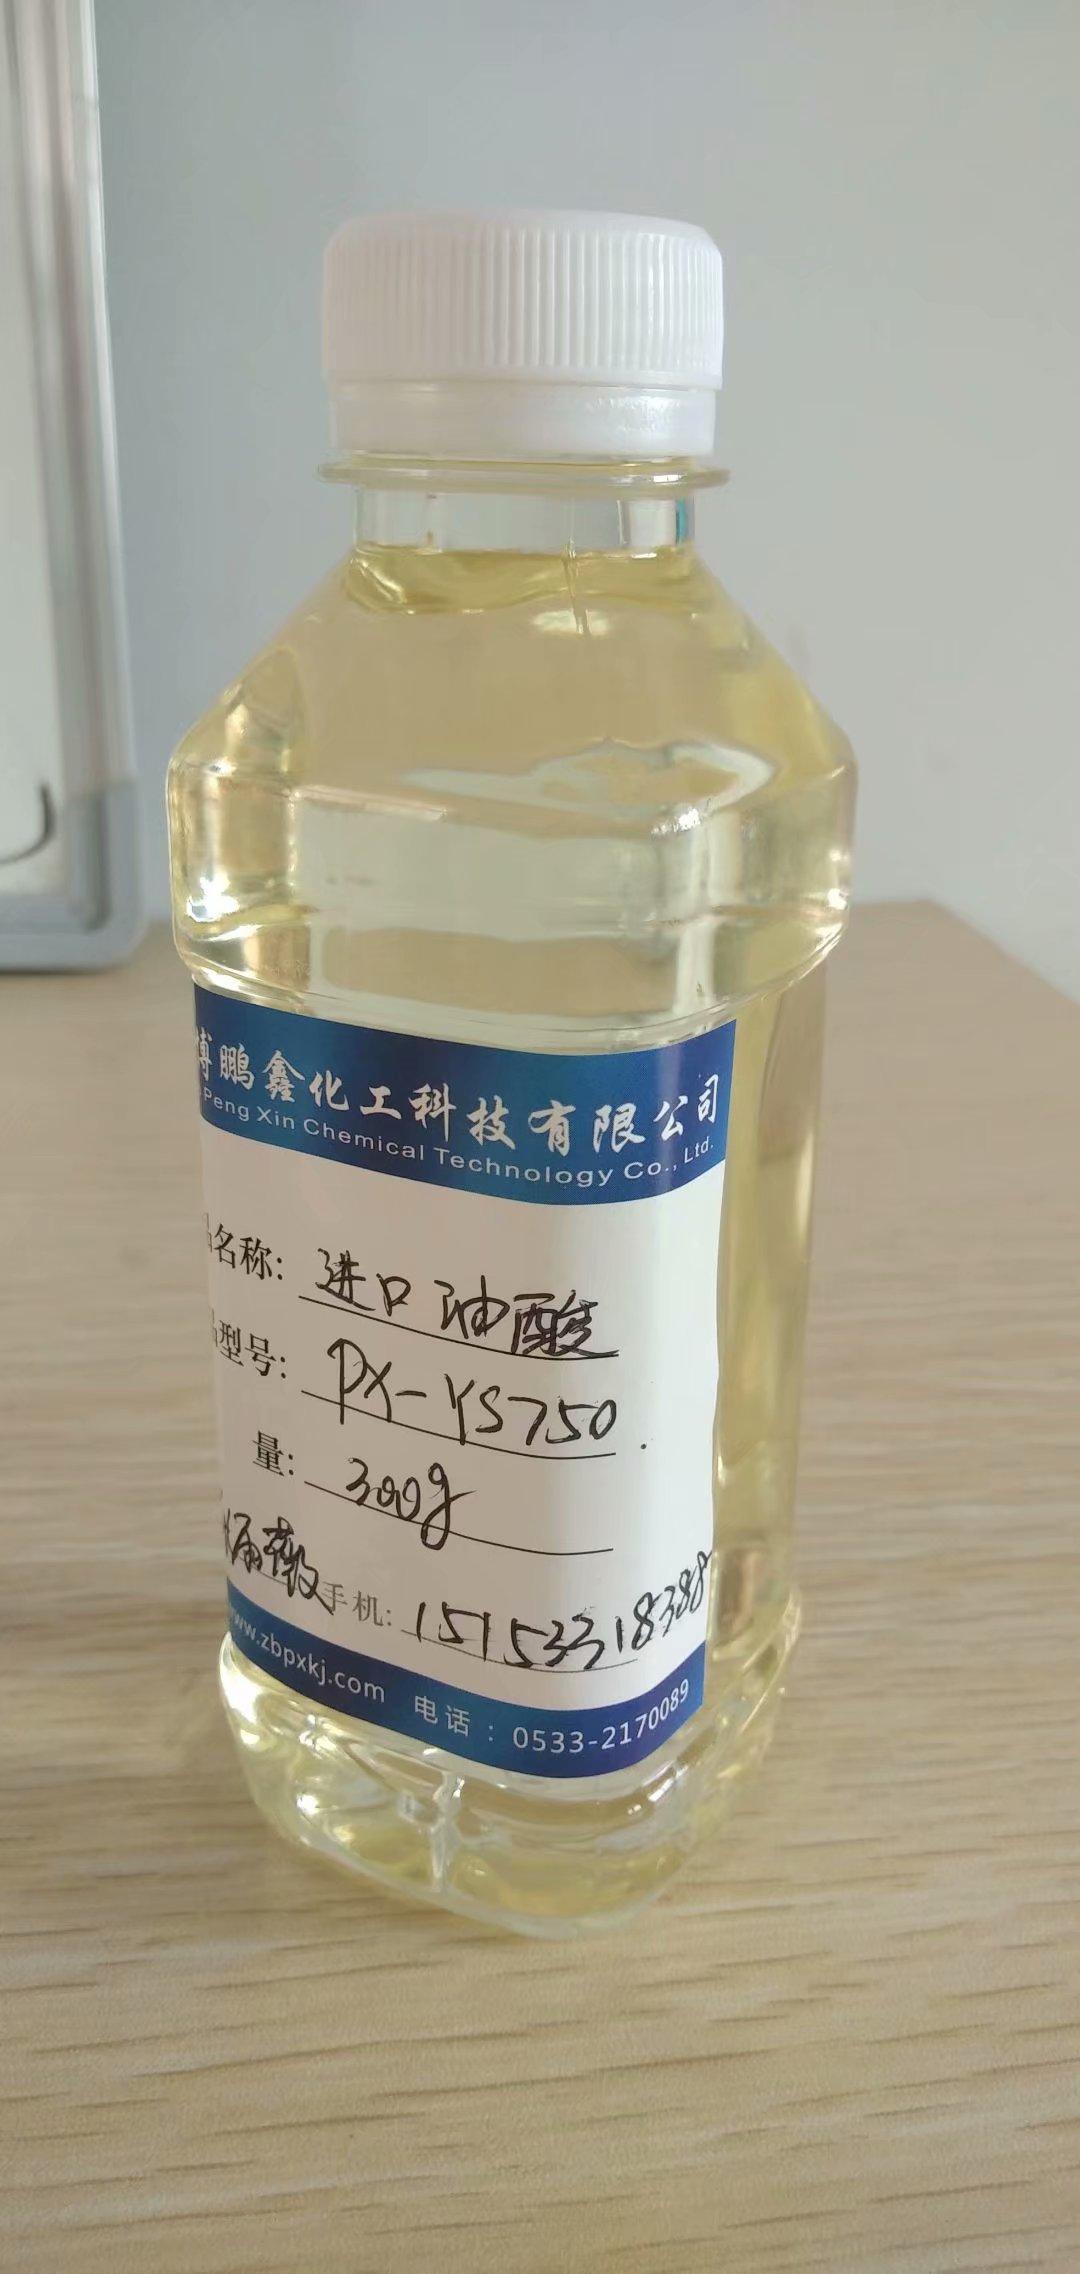 进口油酸 增塑剂 有机合成专用油酸 油酸价格